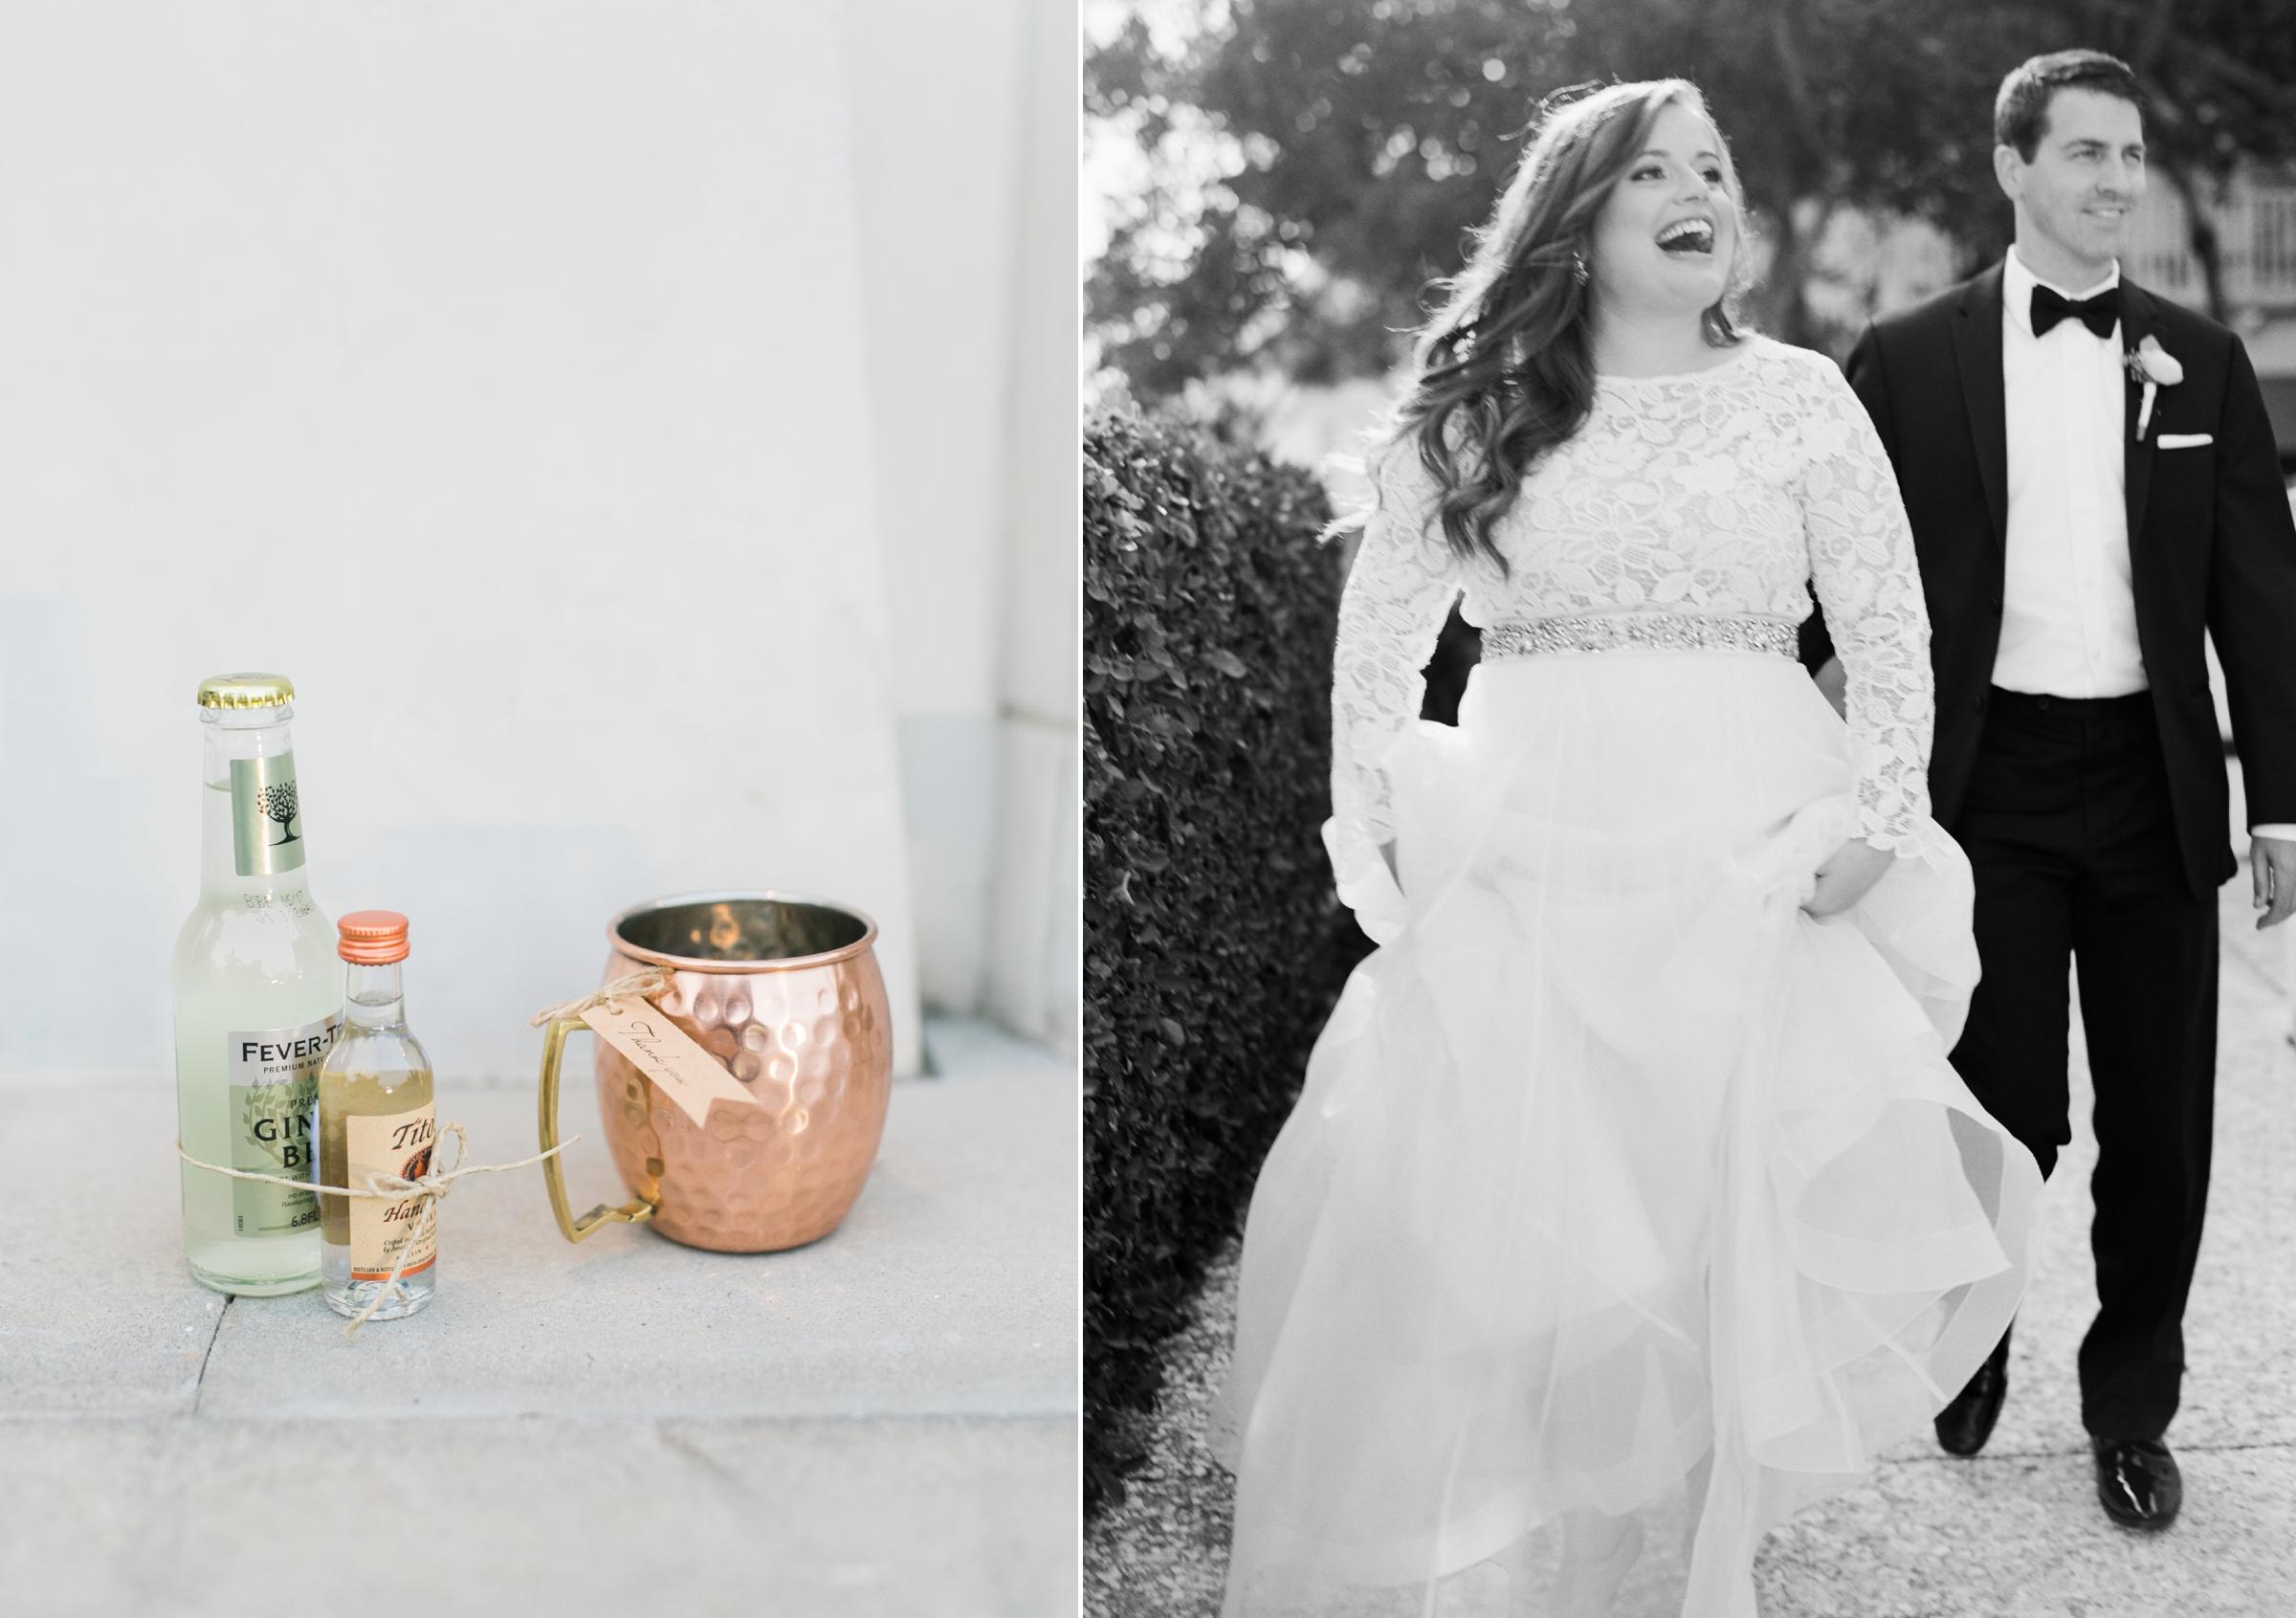 rosemary_beach_wedding_photographer_shannon_griffin_0037.jpg